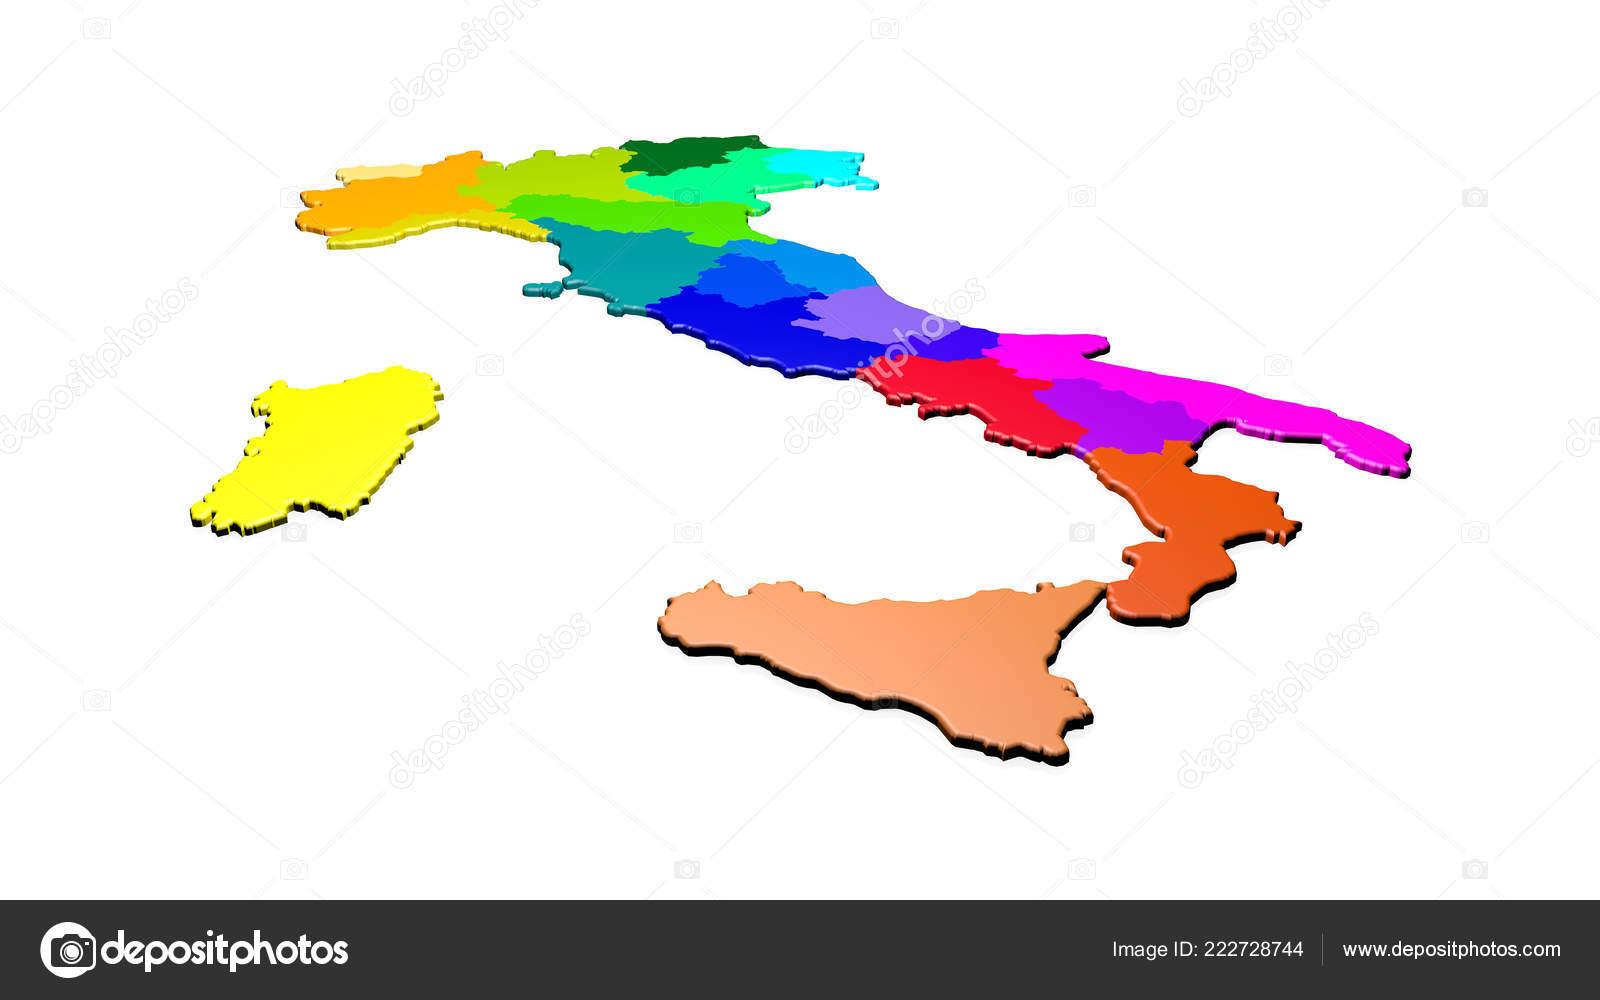 Italien Karte Regionen.Karte Von Italien Mit Farbigen Regionen Auf Neutralem Hintergrund